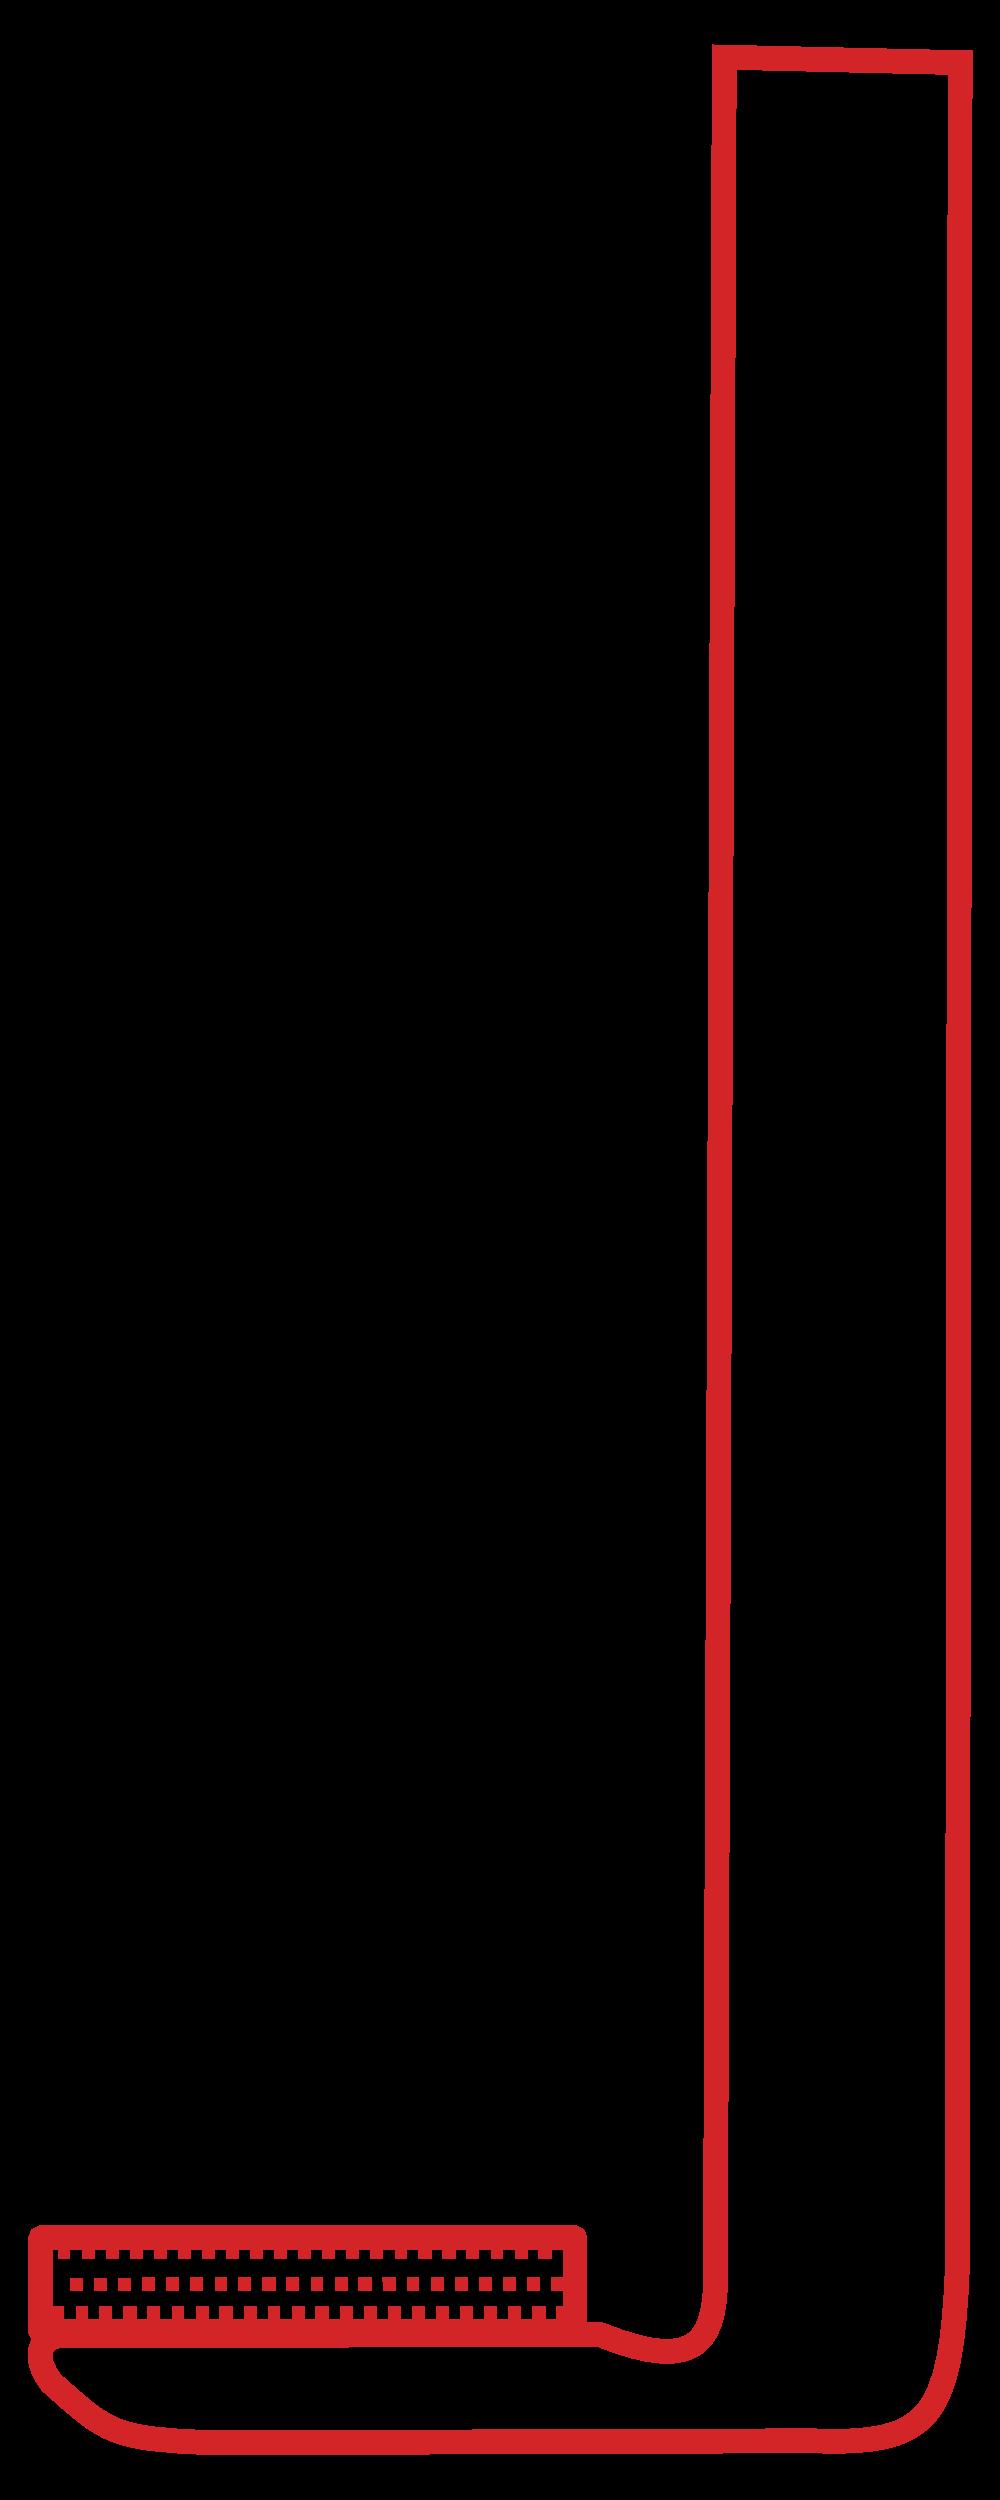 1. Winzer Laborglastechnik_Bauteile_Gasverteilungsrohr_seitlich